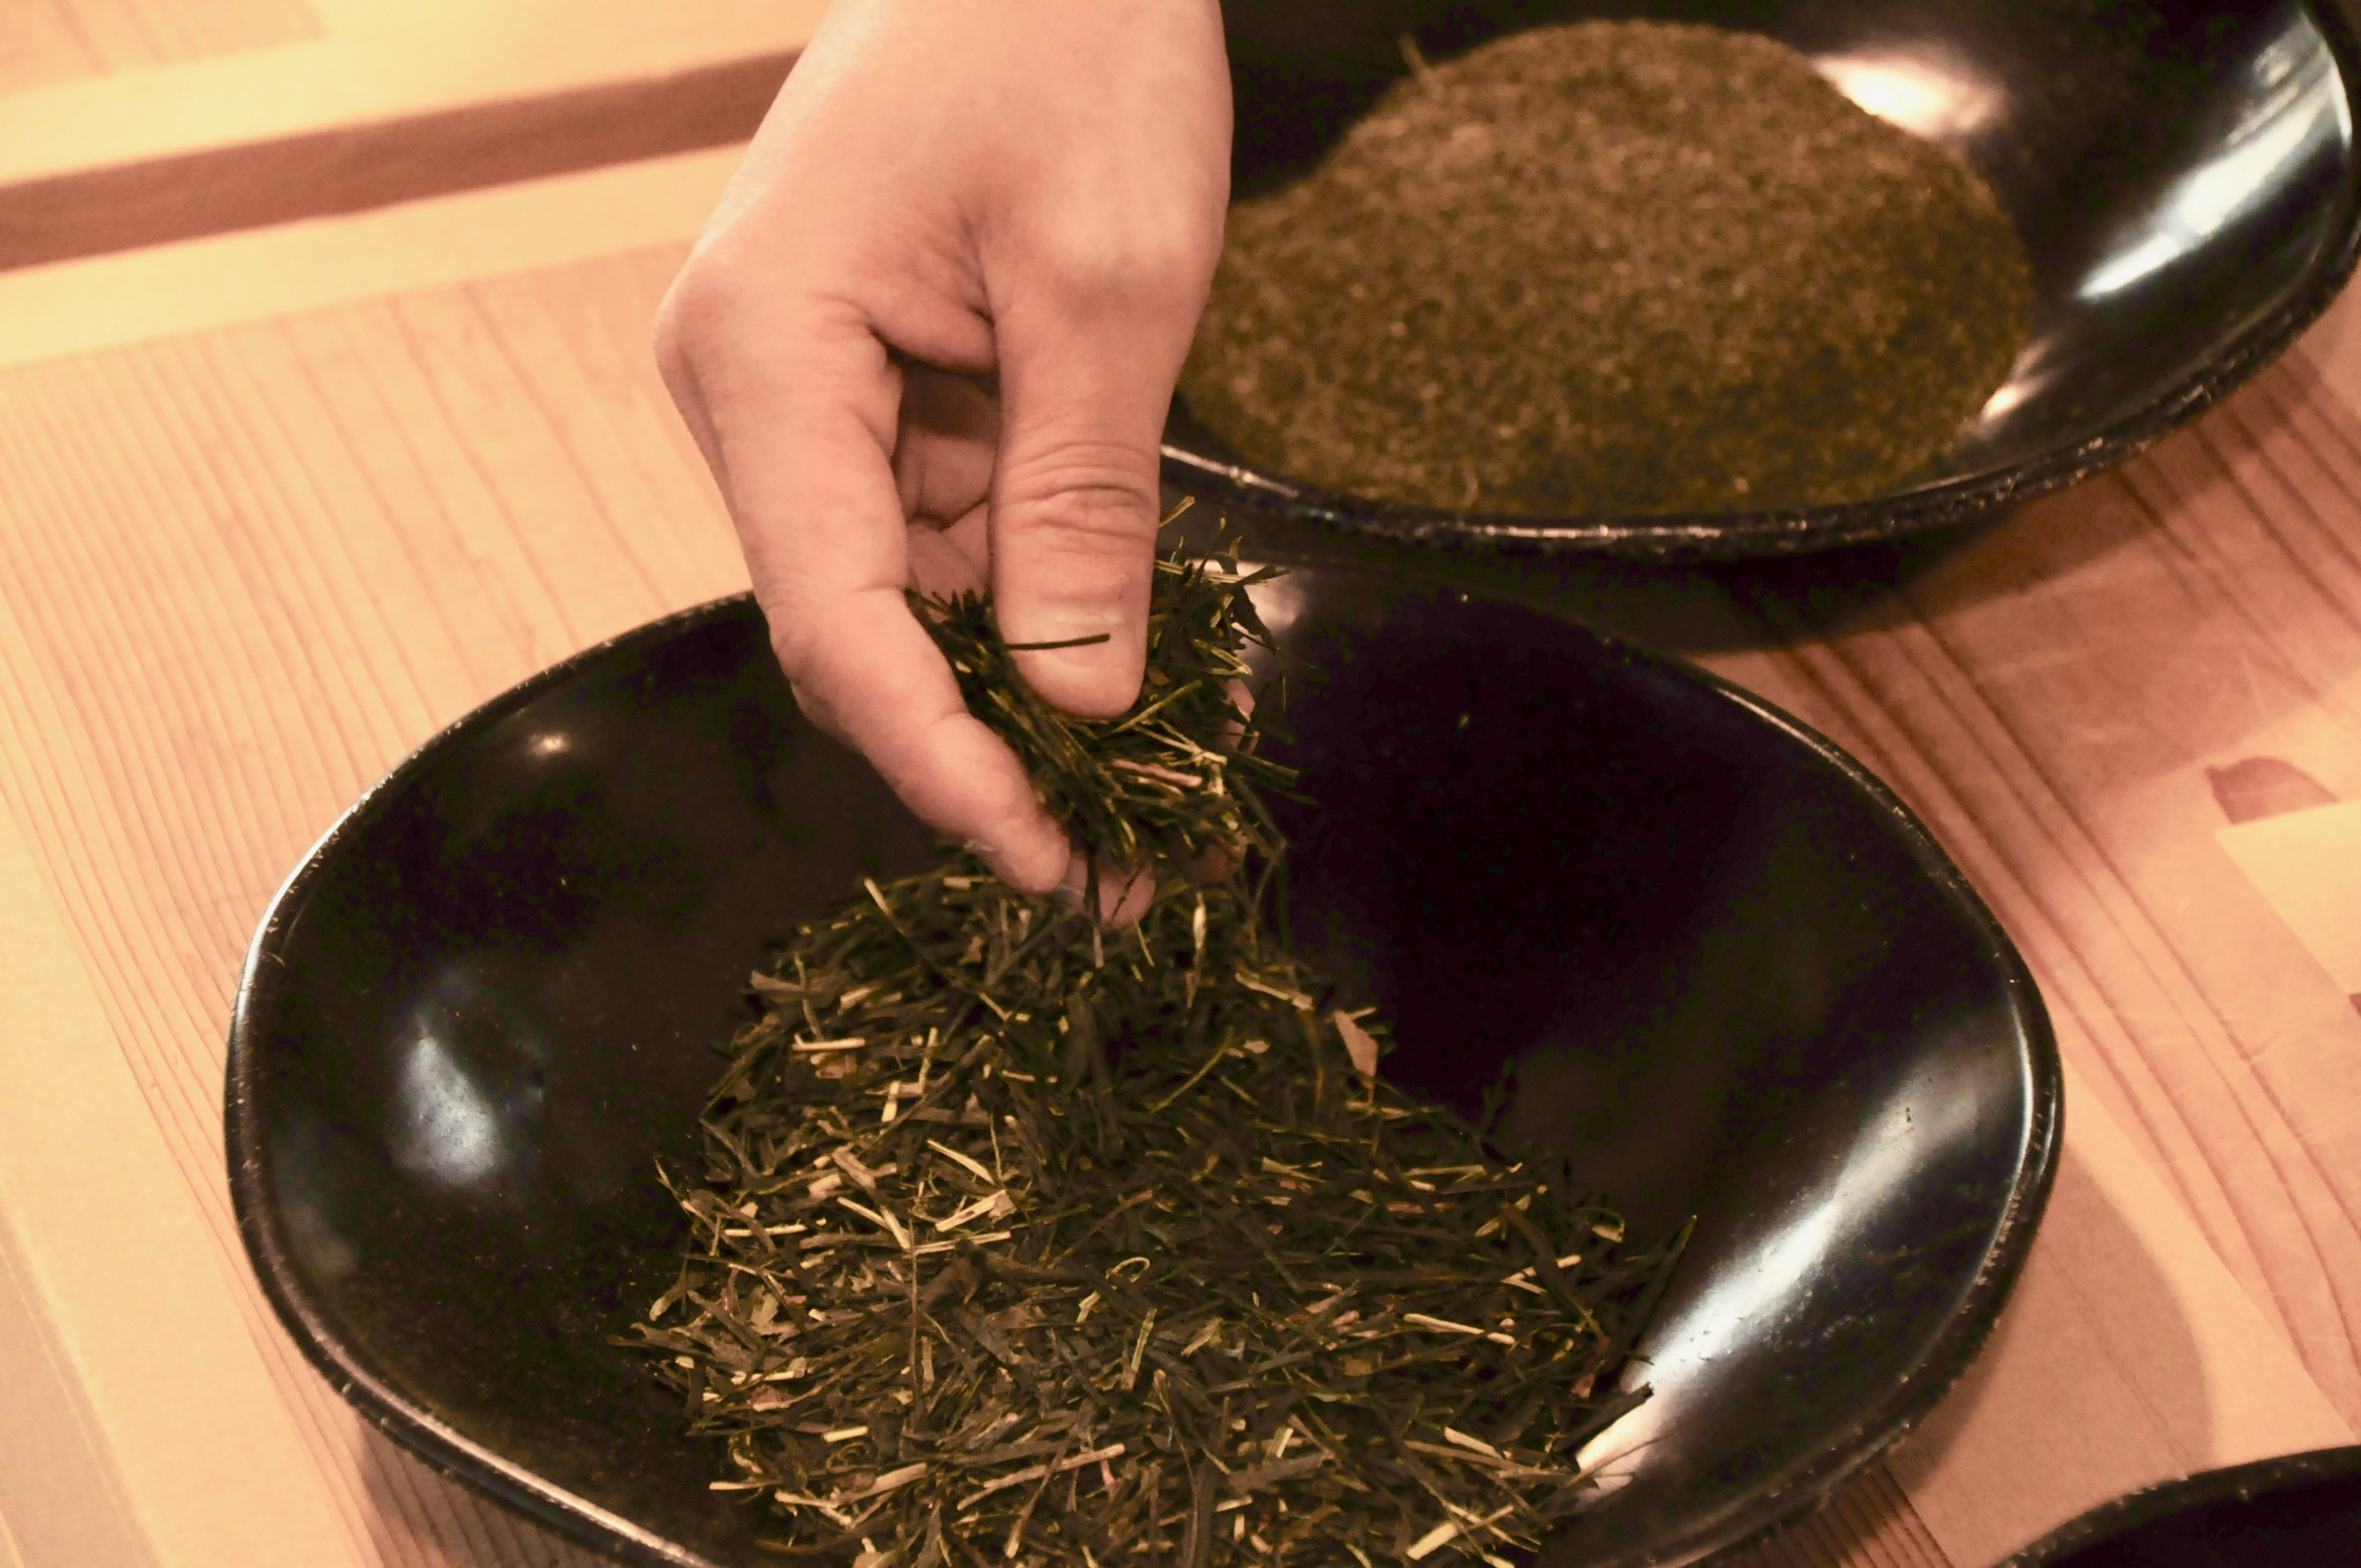 今年もお茶の季節が到来!お茶の価値観が変わる体験、岐阜県東白川村に行ってきた - DSC 1115 1